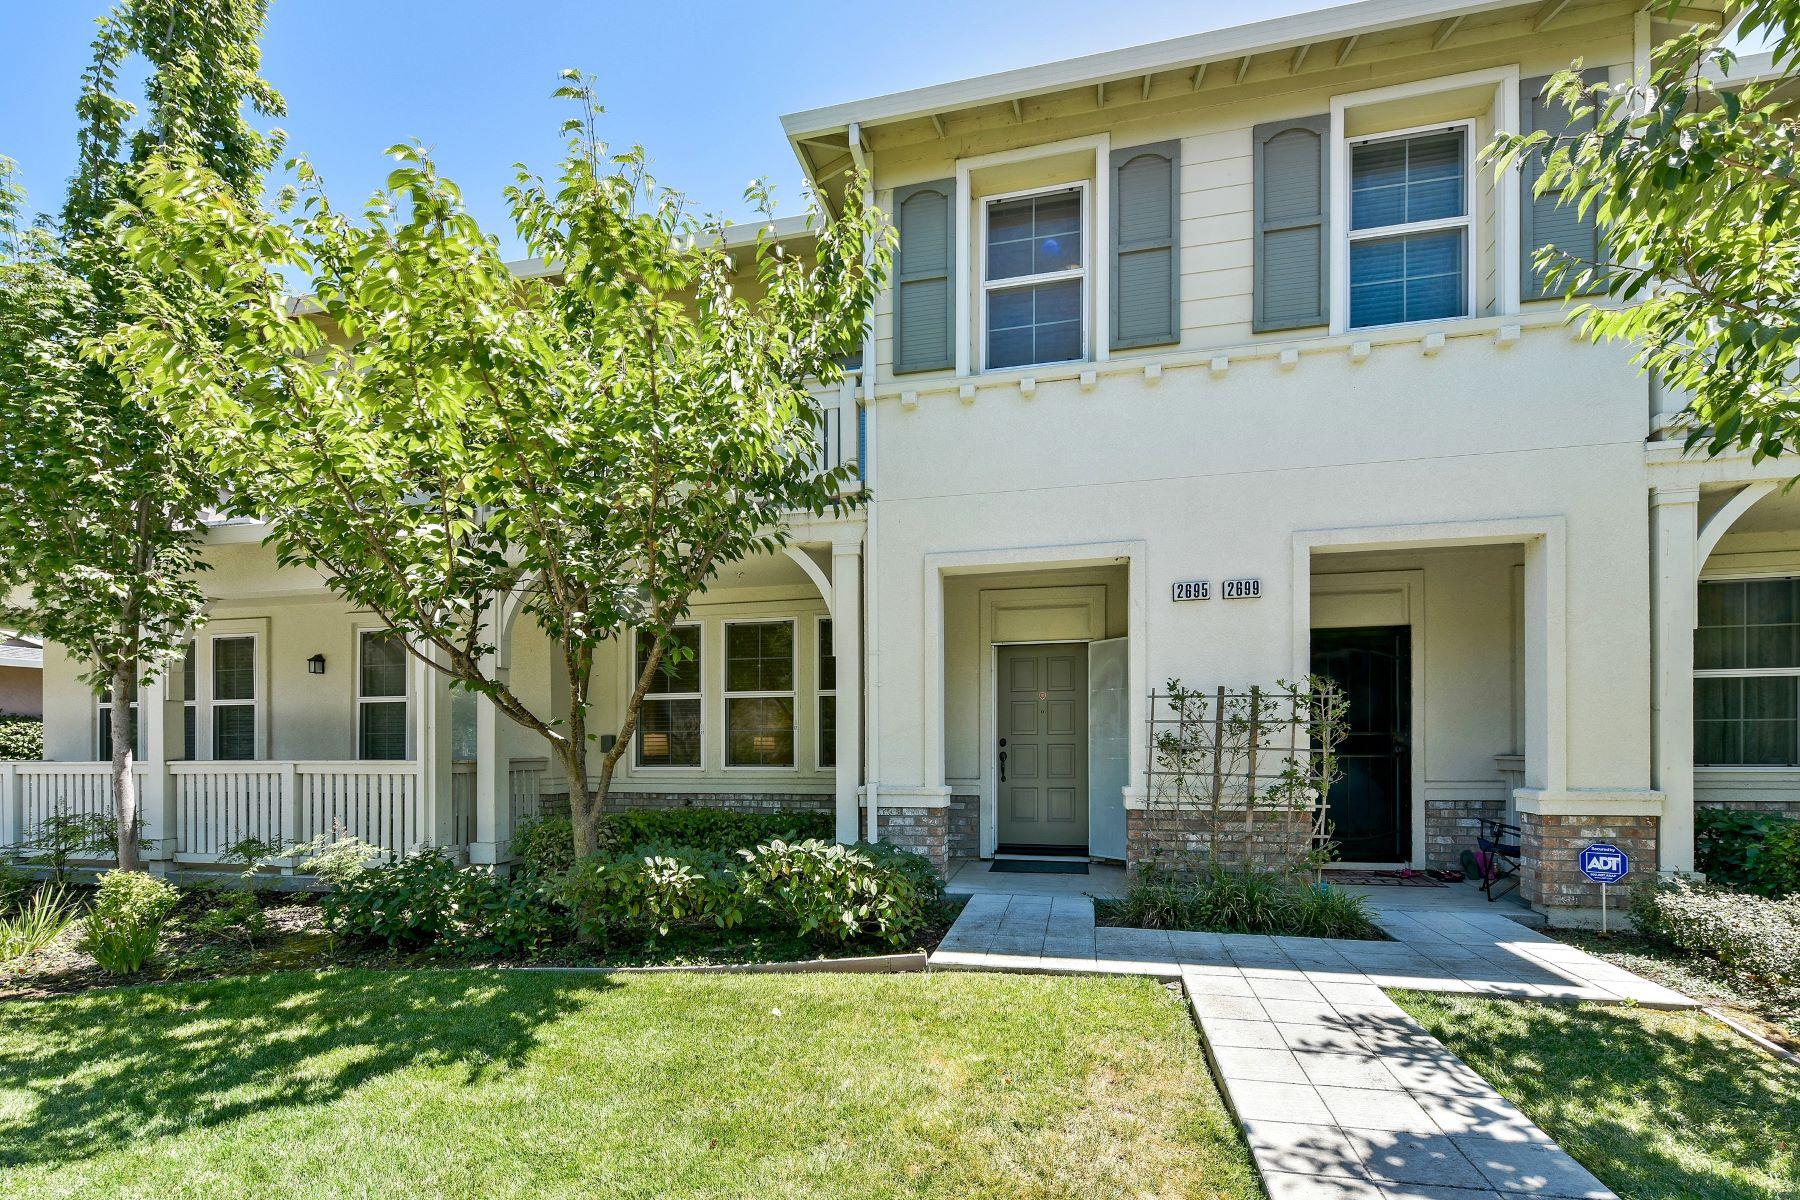 タウンハウス のために 売買 アット Contemporary Townhome In Prime Eden Shores 2695 Northern Cross Road Hayward, カリフォルニア 94545 アメリカ合衆国